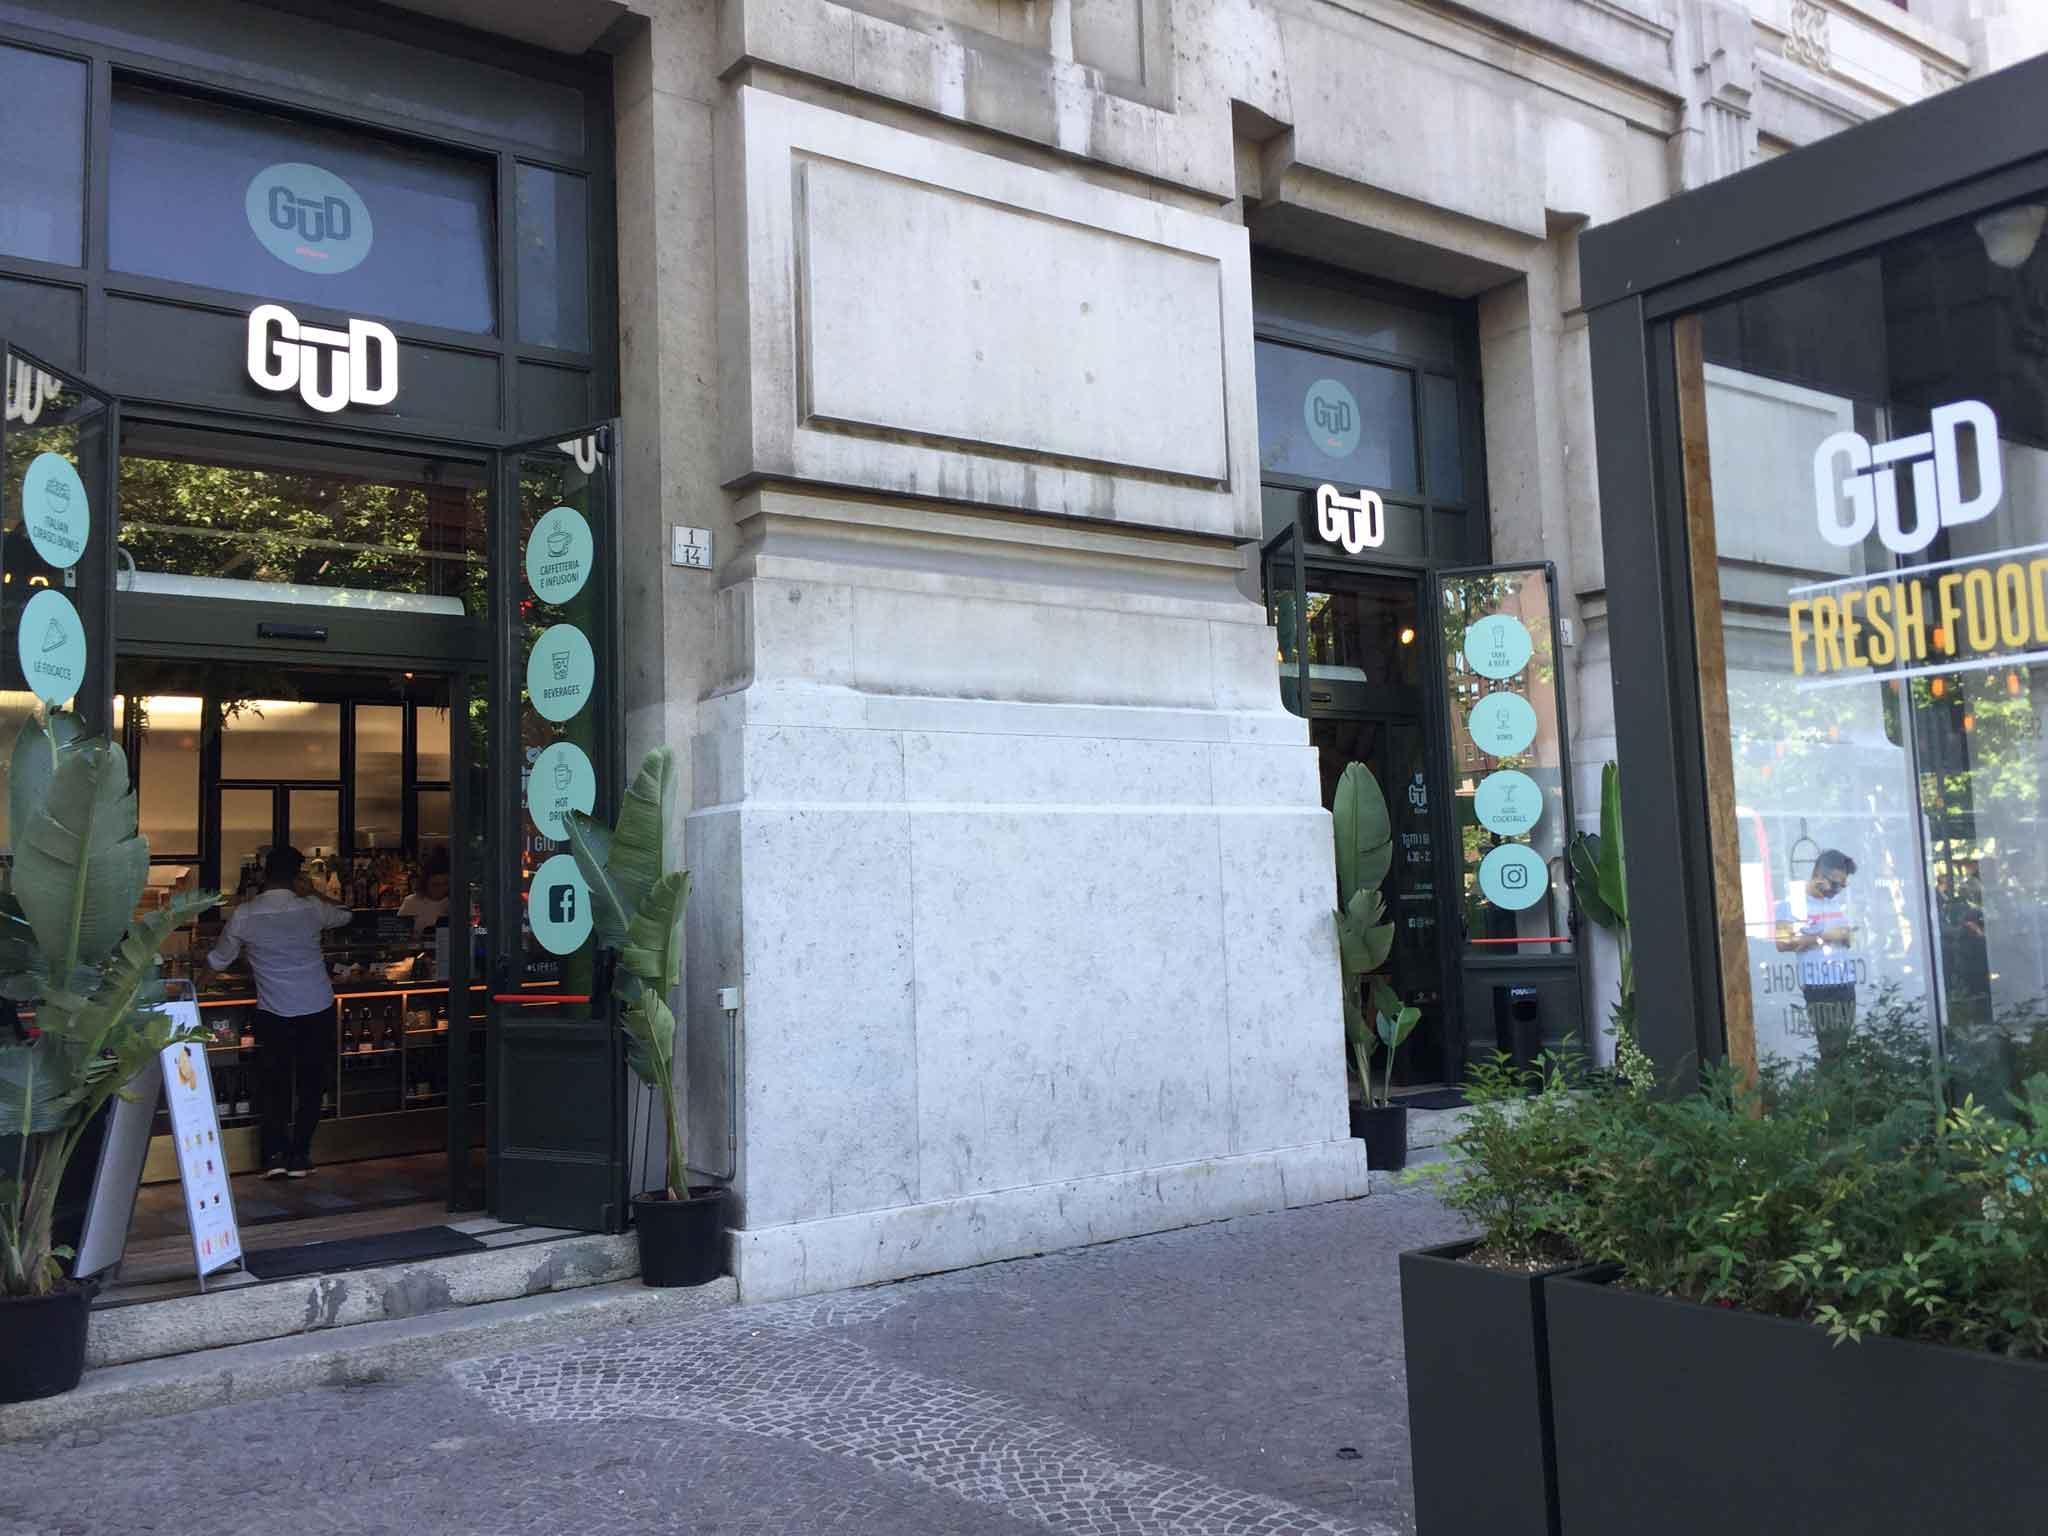 Milano I 5 Aperitivi All Aperto In Stazione Centrale Ora